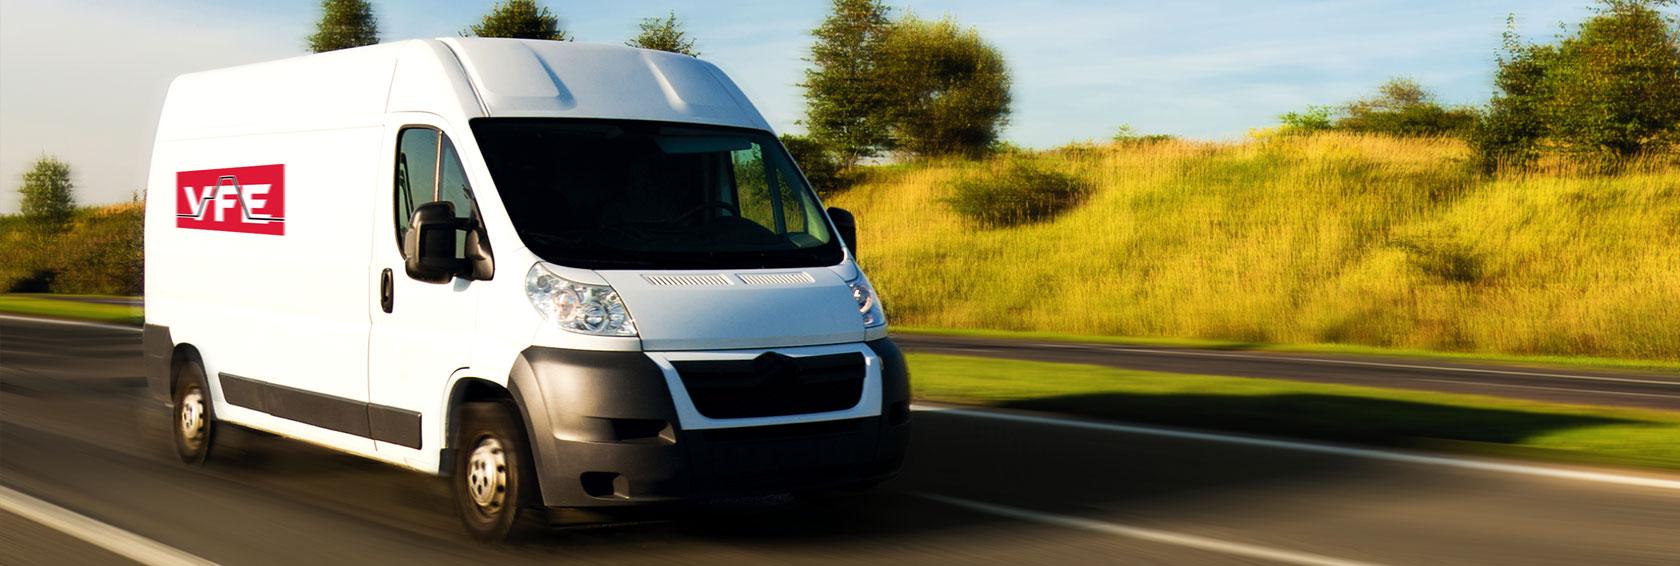 VFE service van